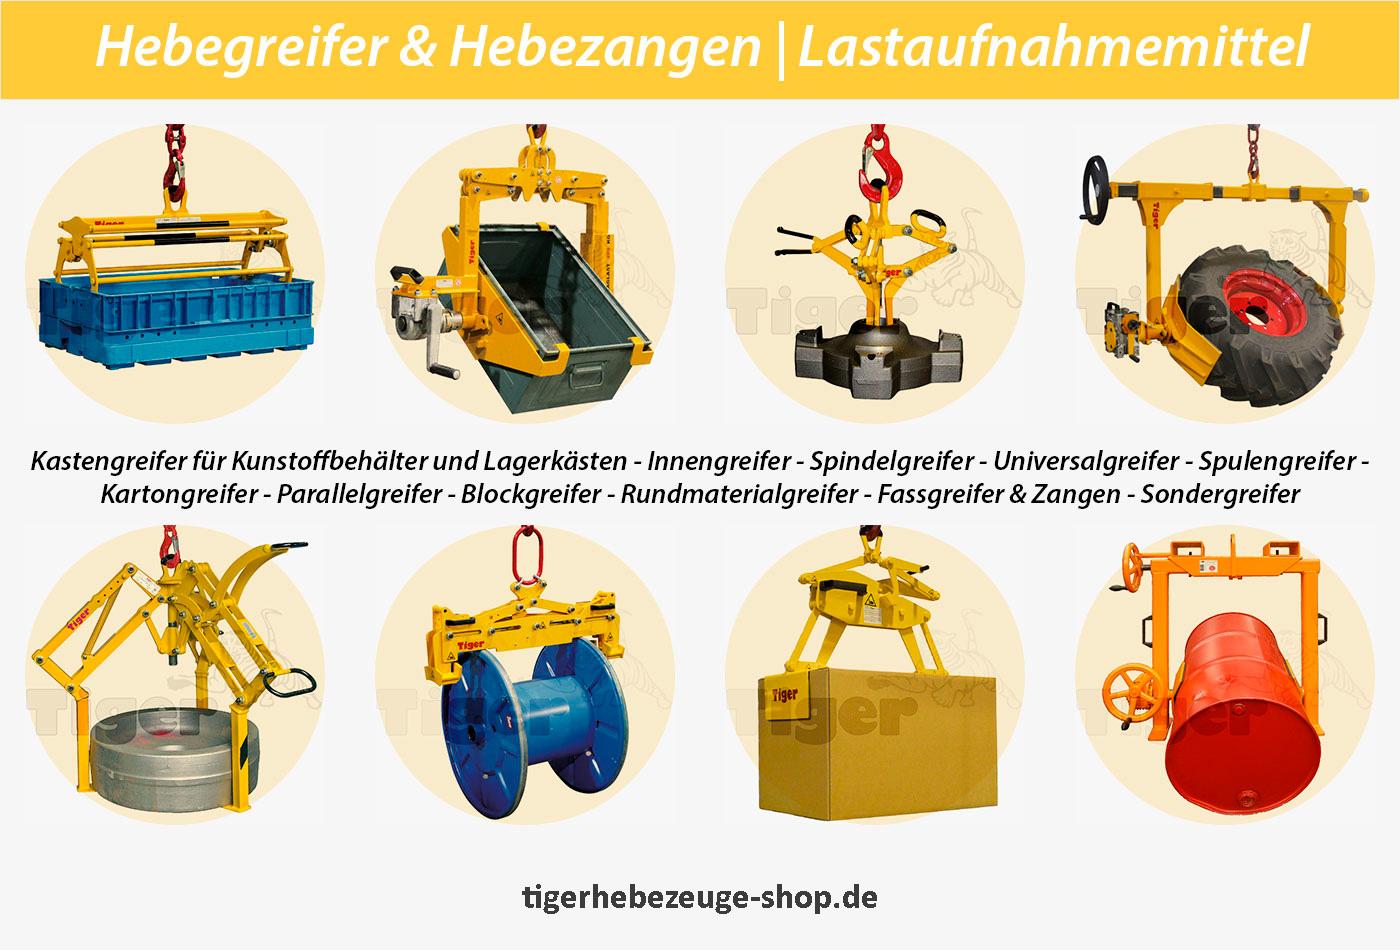 Hebegreifer & Hebezangen